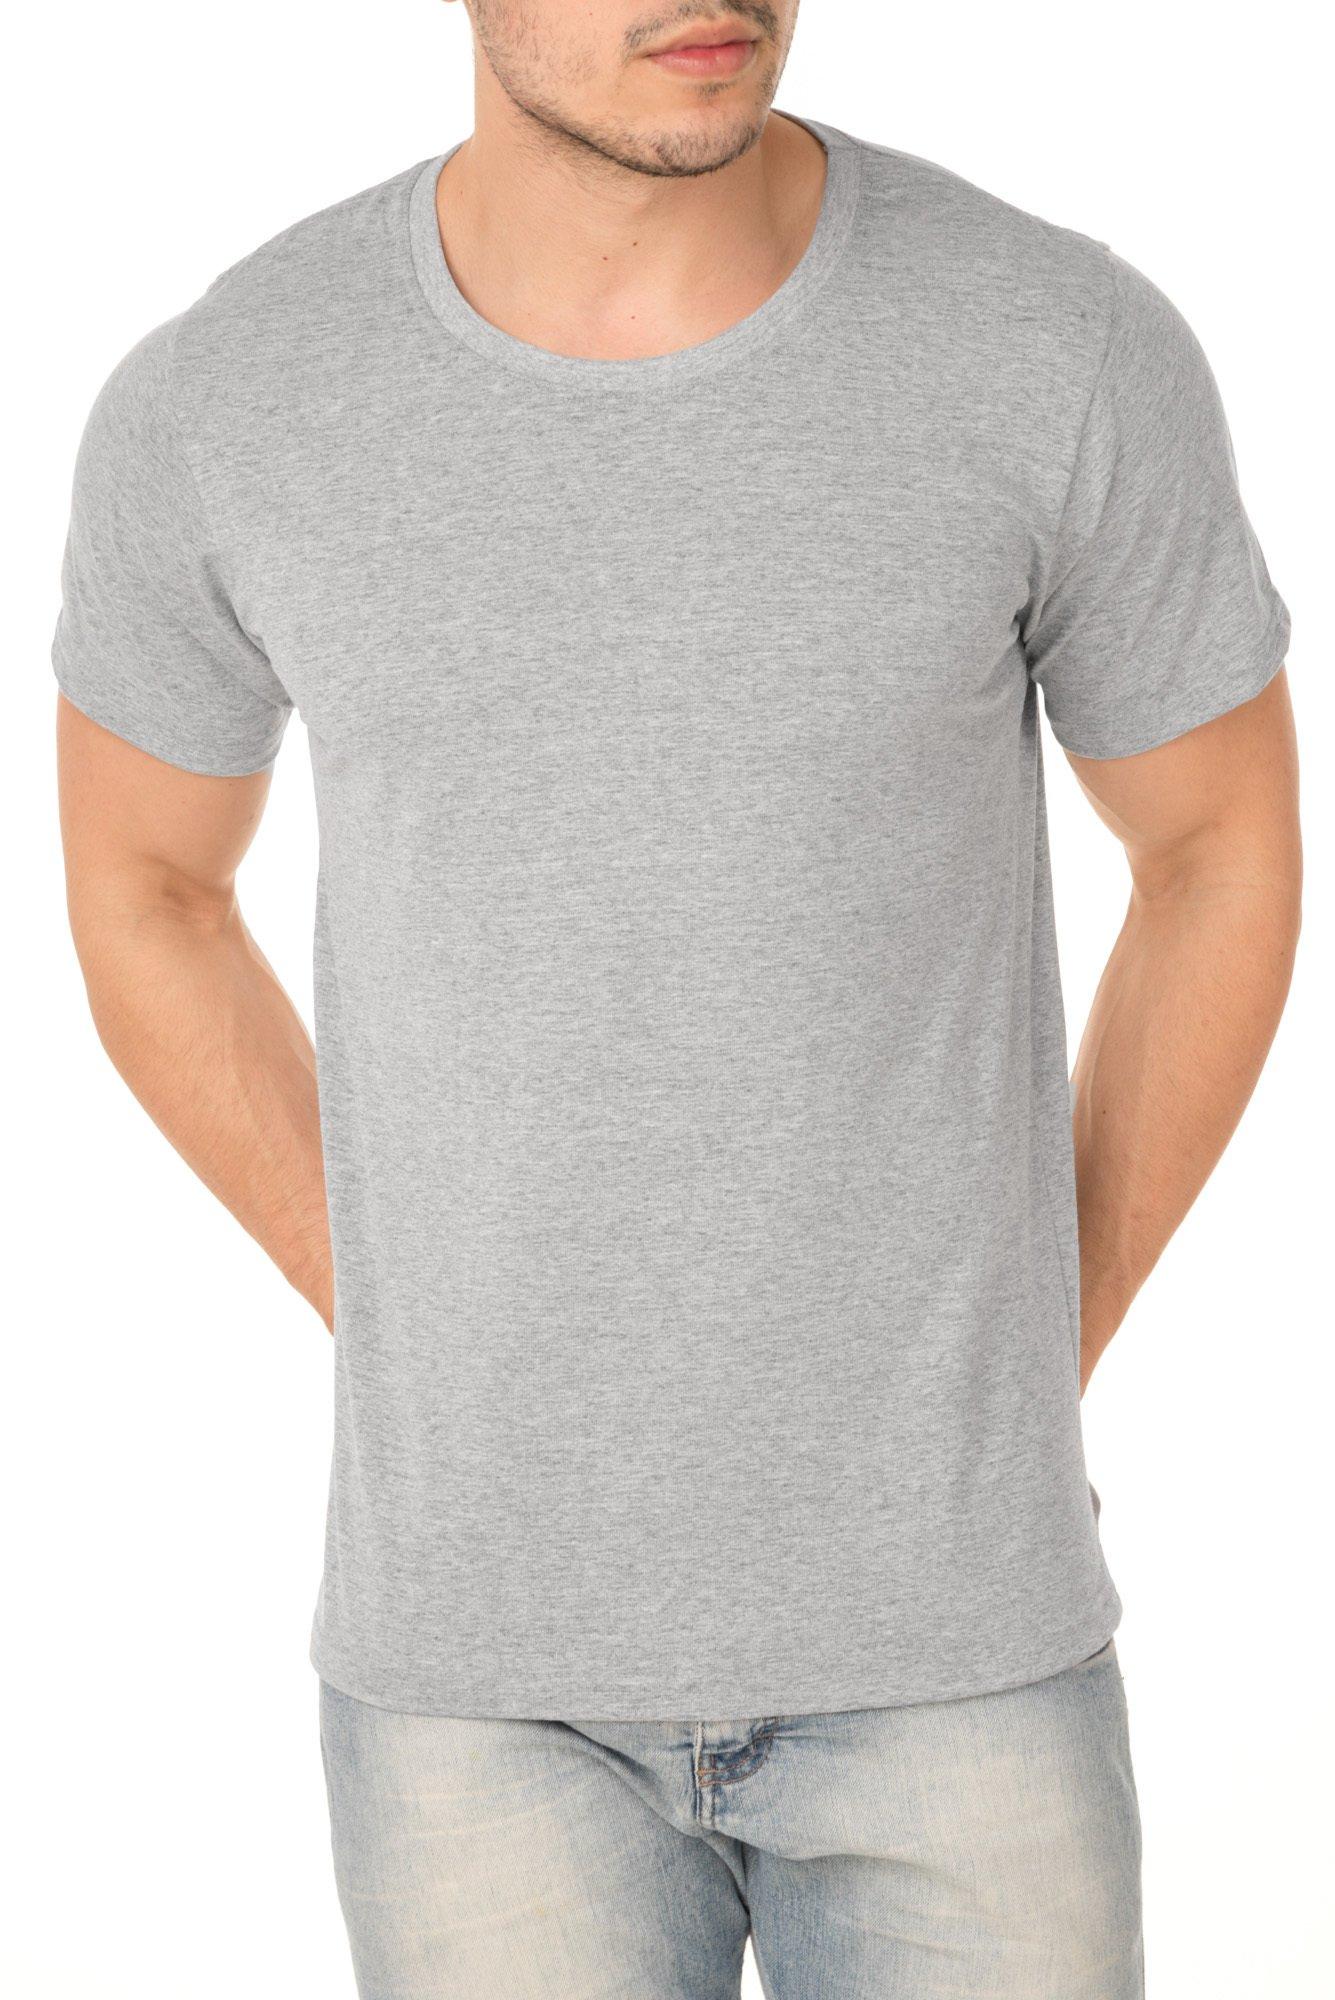 Camiseta de Algodão 30.1 Penteado Cinza Mescla